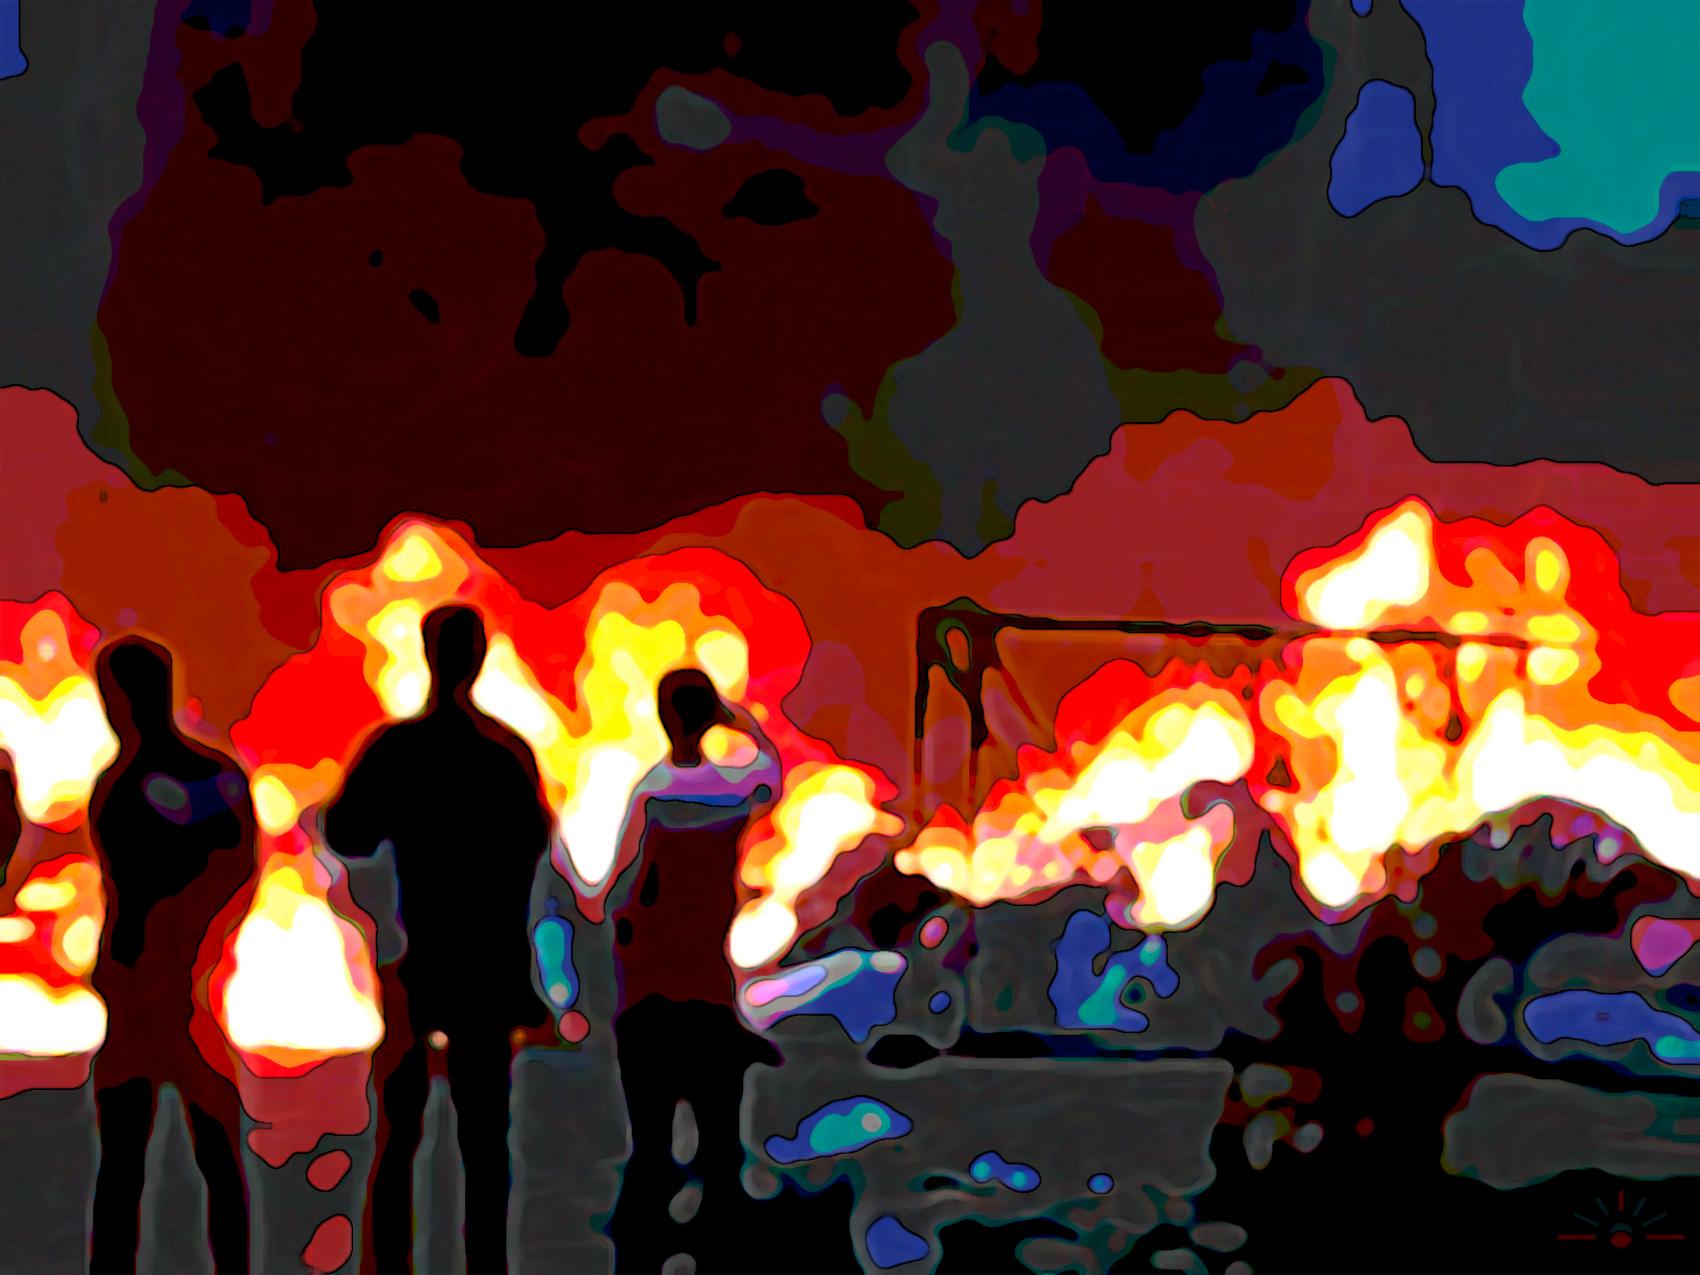 Wamena village burning